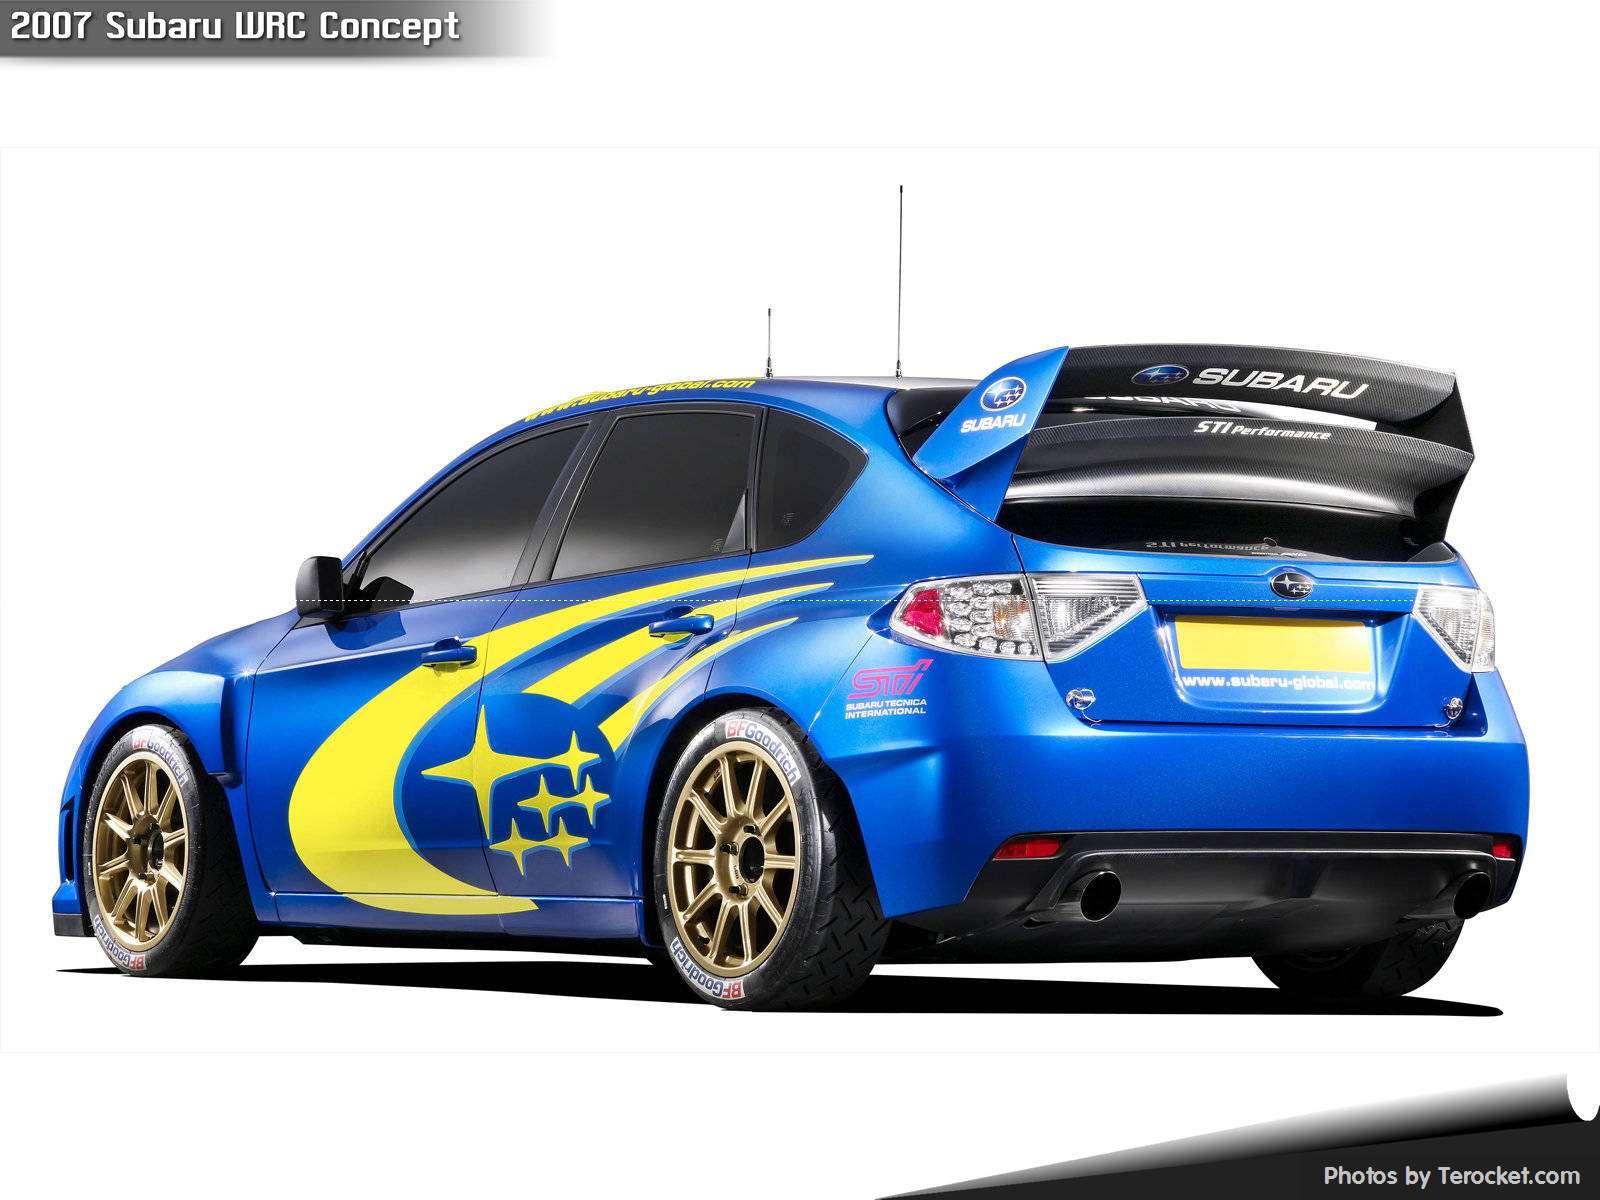 Hình ảnh xe ô tô Subaru WRC Concept 2007 & nội ngoại thất